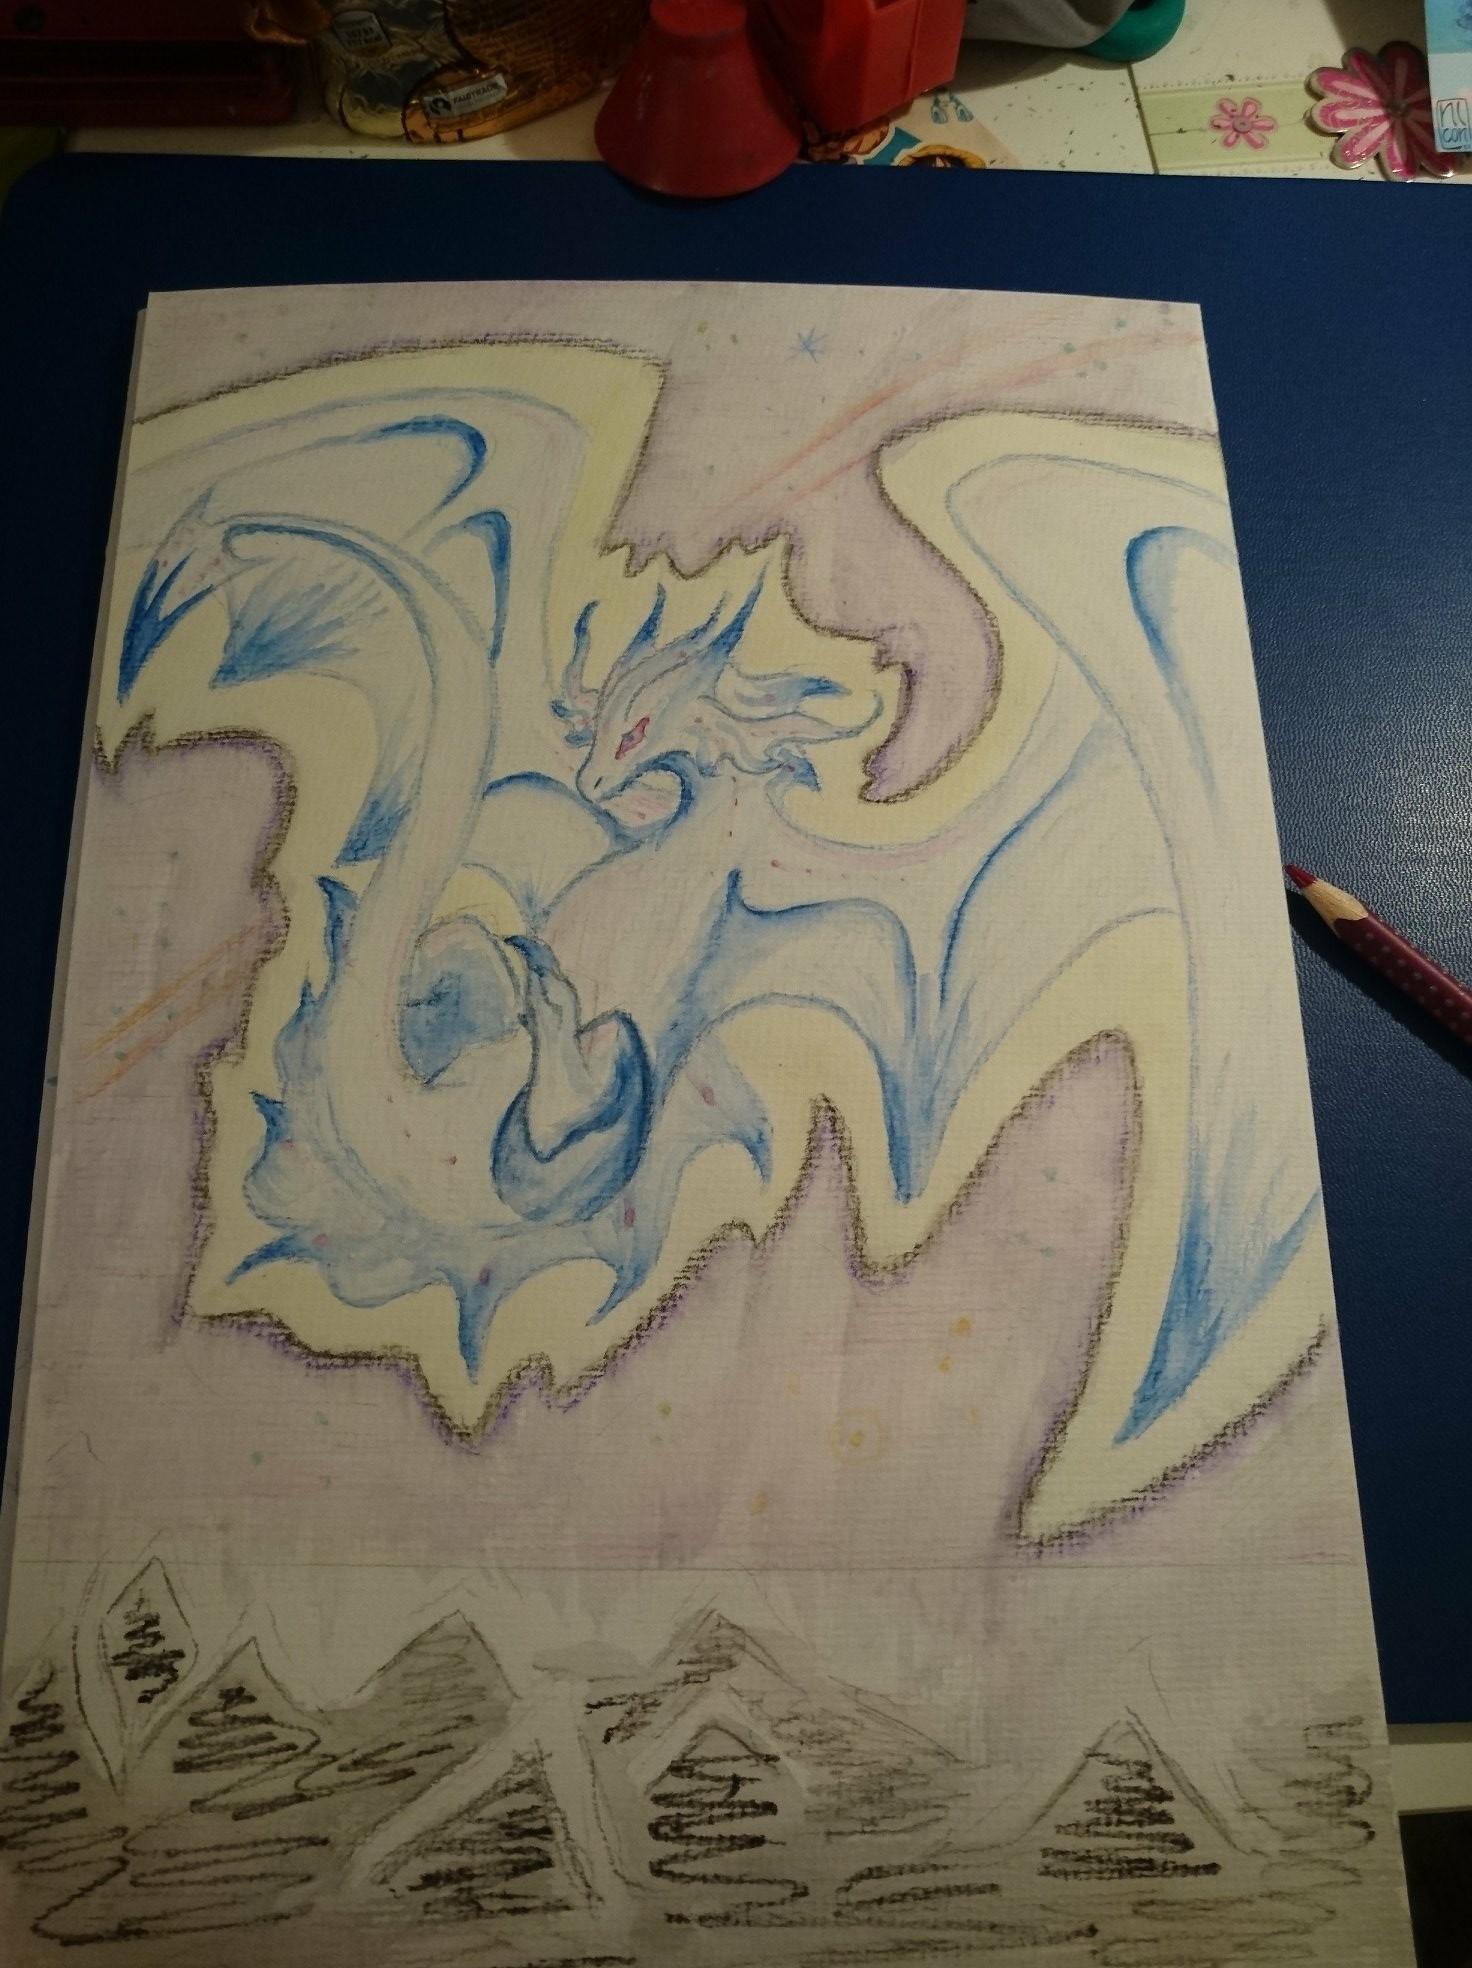 Pokémon-Zeichnung: Mondlicht Drache